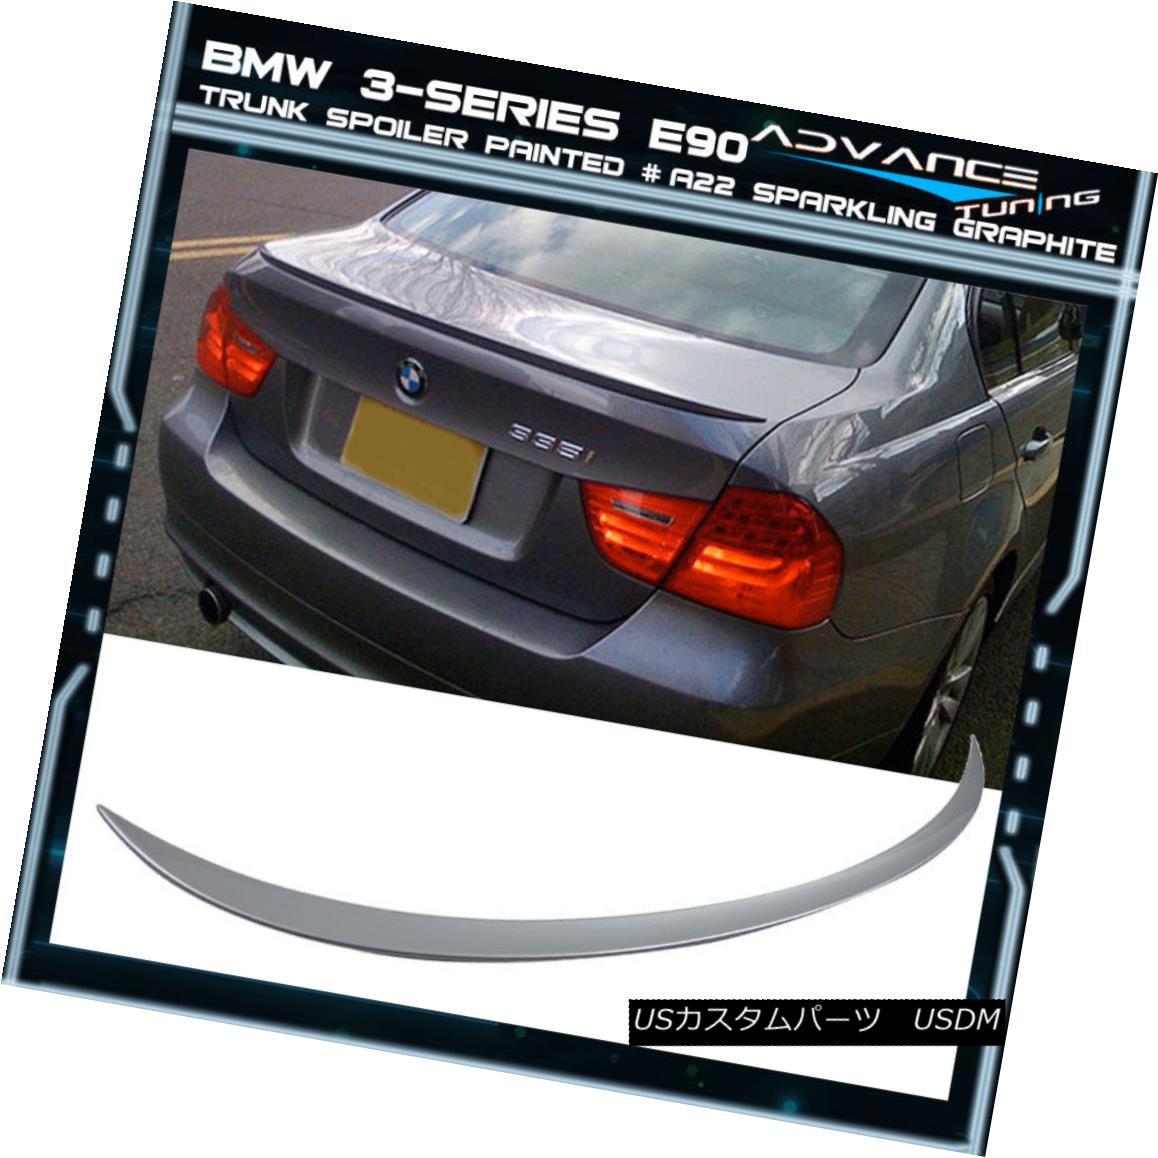 エアロパーツ 06-11 BMW 3-Series E90 Trunk Spoiler OEM Painted Color # A22 Sparkling Graphite 06-11 BMW 3シリーズE90トランク・スポイラーOEM塗装カラー#A22 Sparkling Graphite